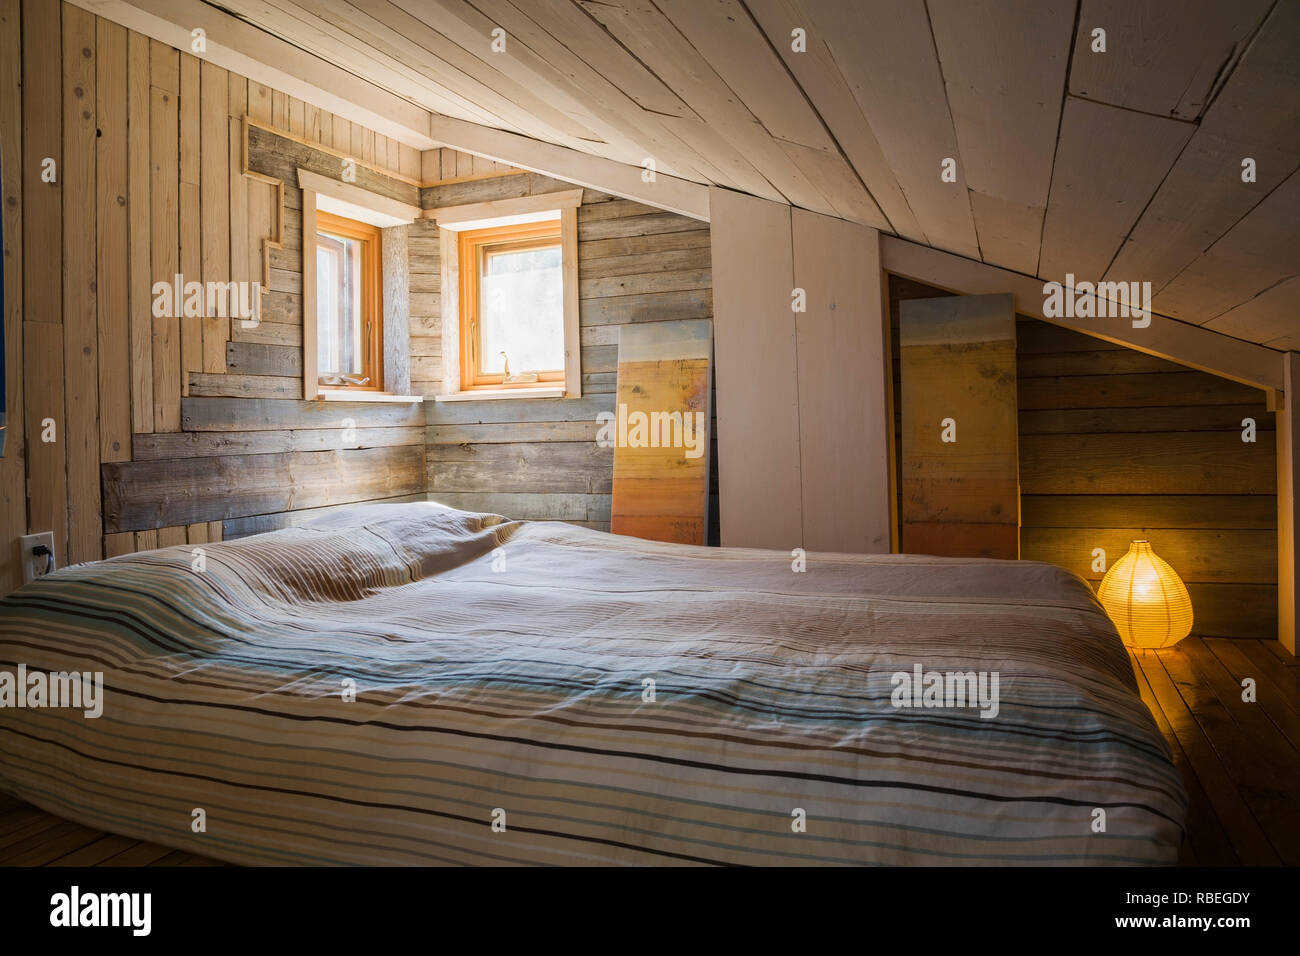 Chambre avec mezzanine en bois ancienne grange murs, plafond en ...